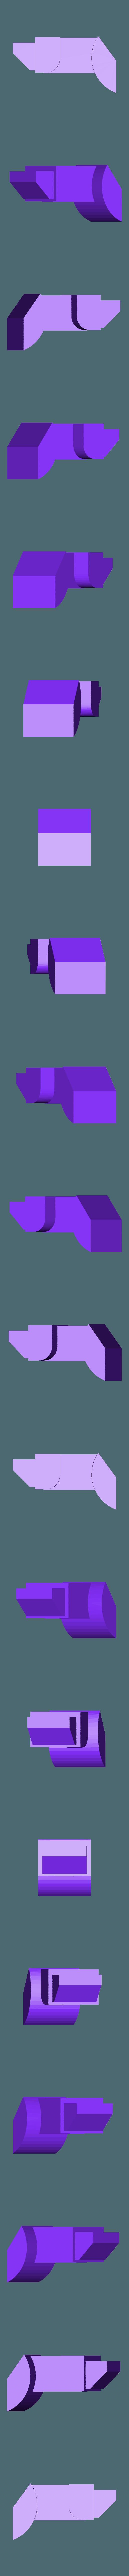 DMAG_MAGWELL_T_L_PARTX_v5.stl Télécharger fichier STL gratuit MCS DMAG / HELIX Adaptateur universel de magazine GAUCHE • Objet à imprimer en 3D, UntangleART